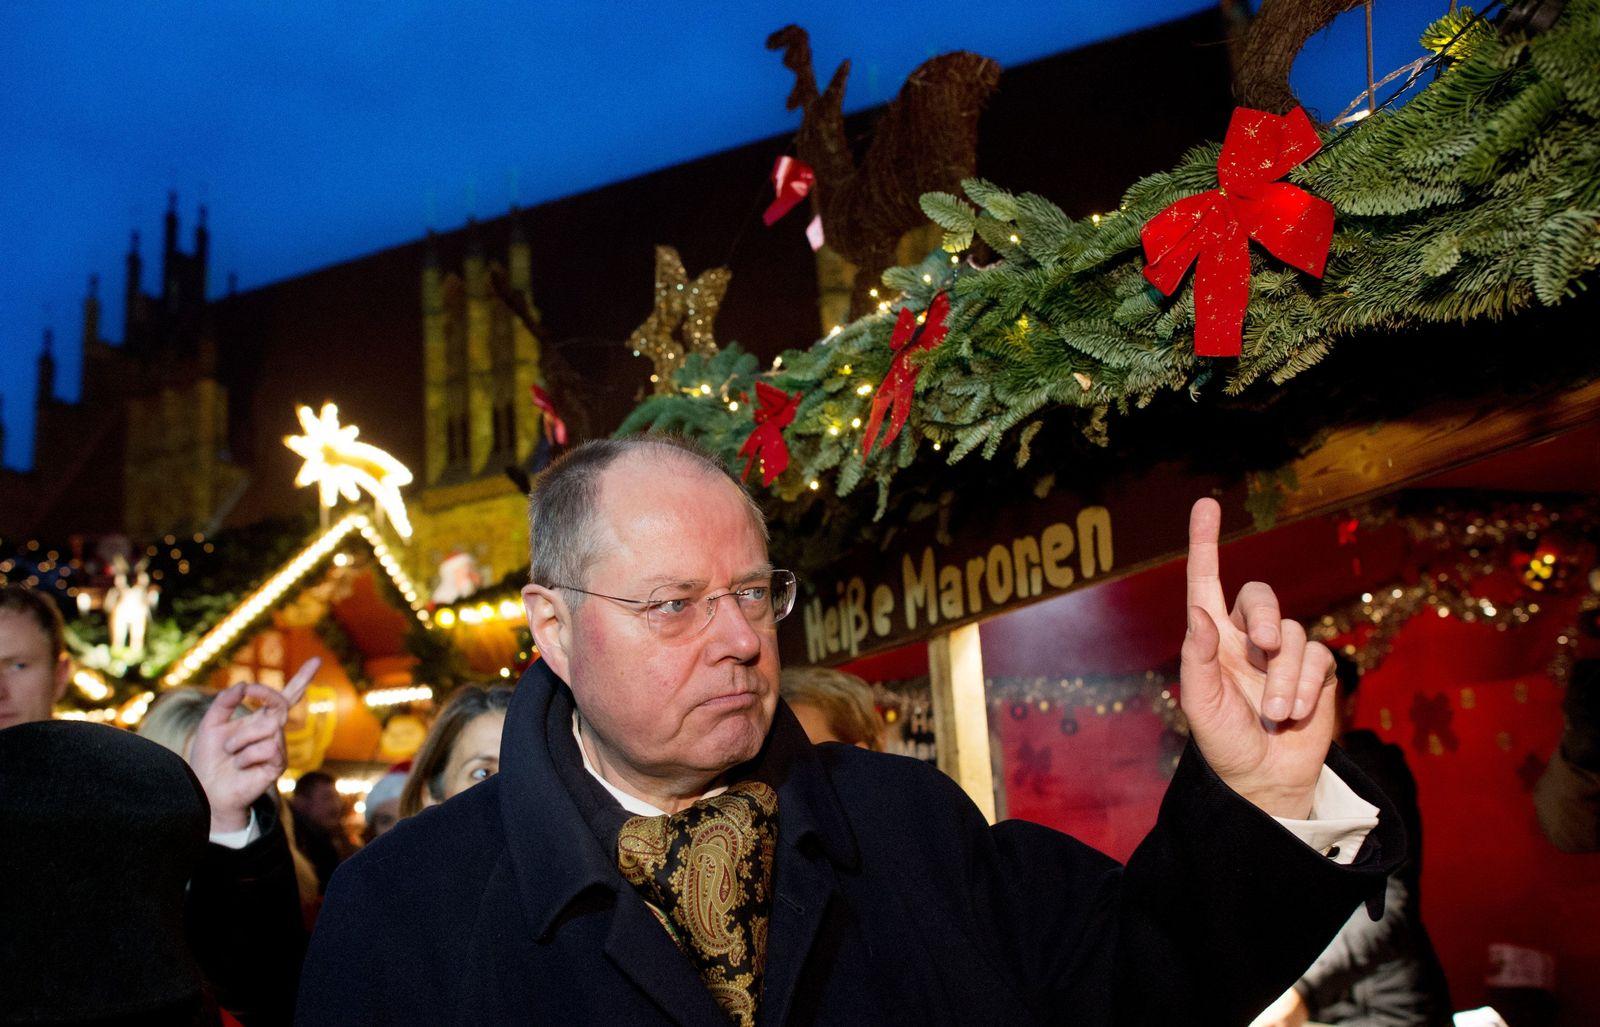 Steinbrück Weihnachtsmarkt Hannover